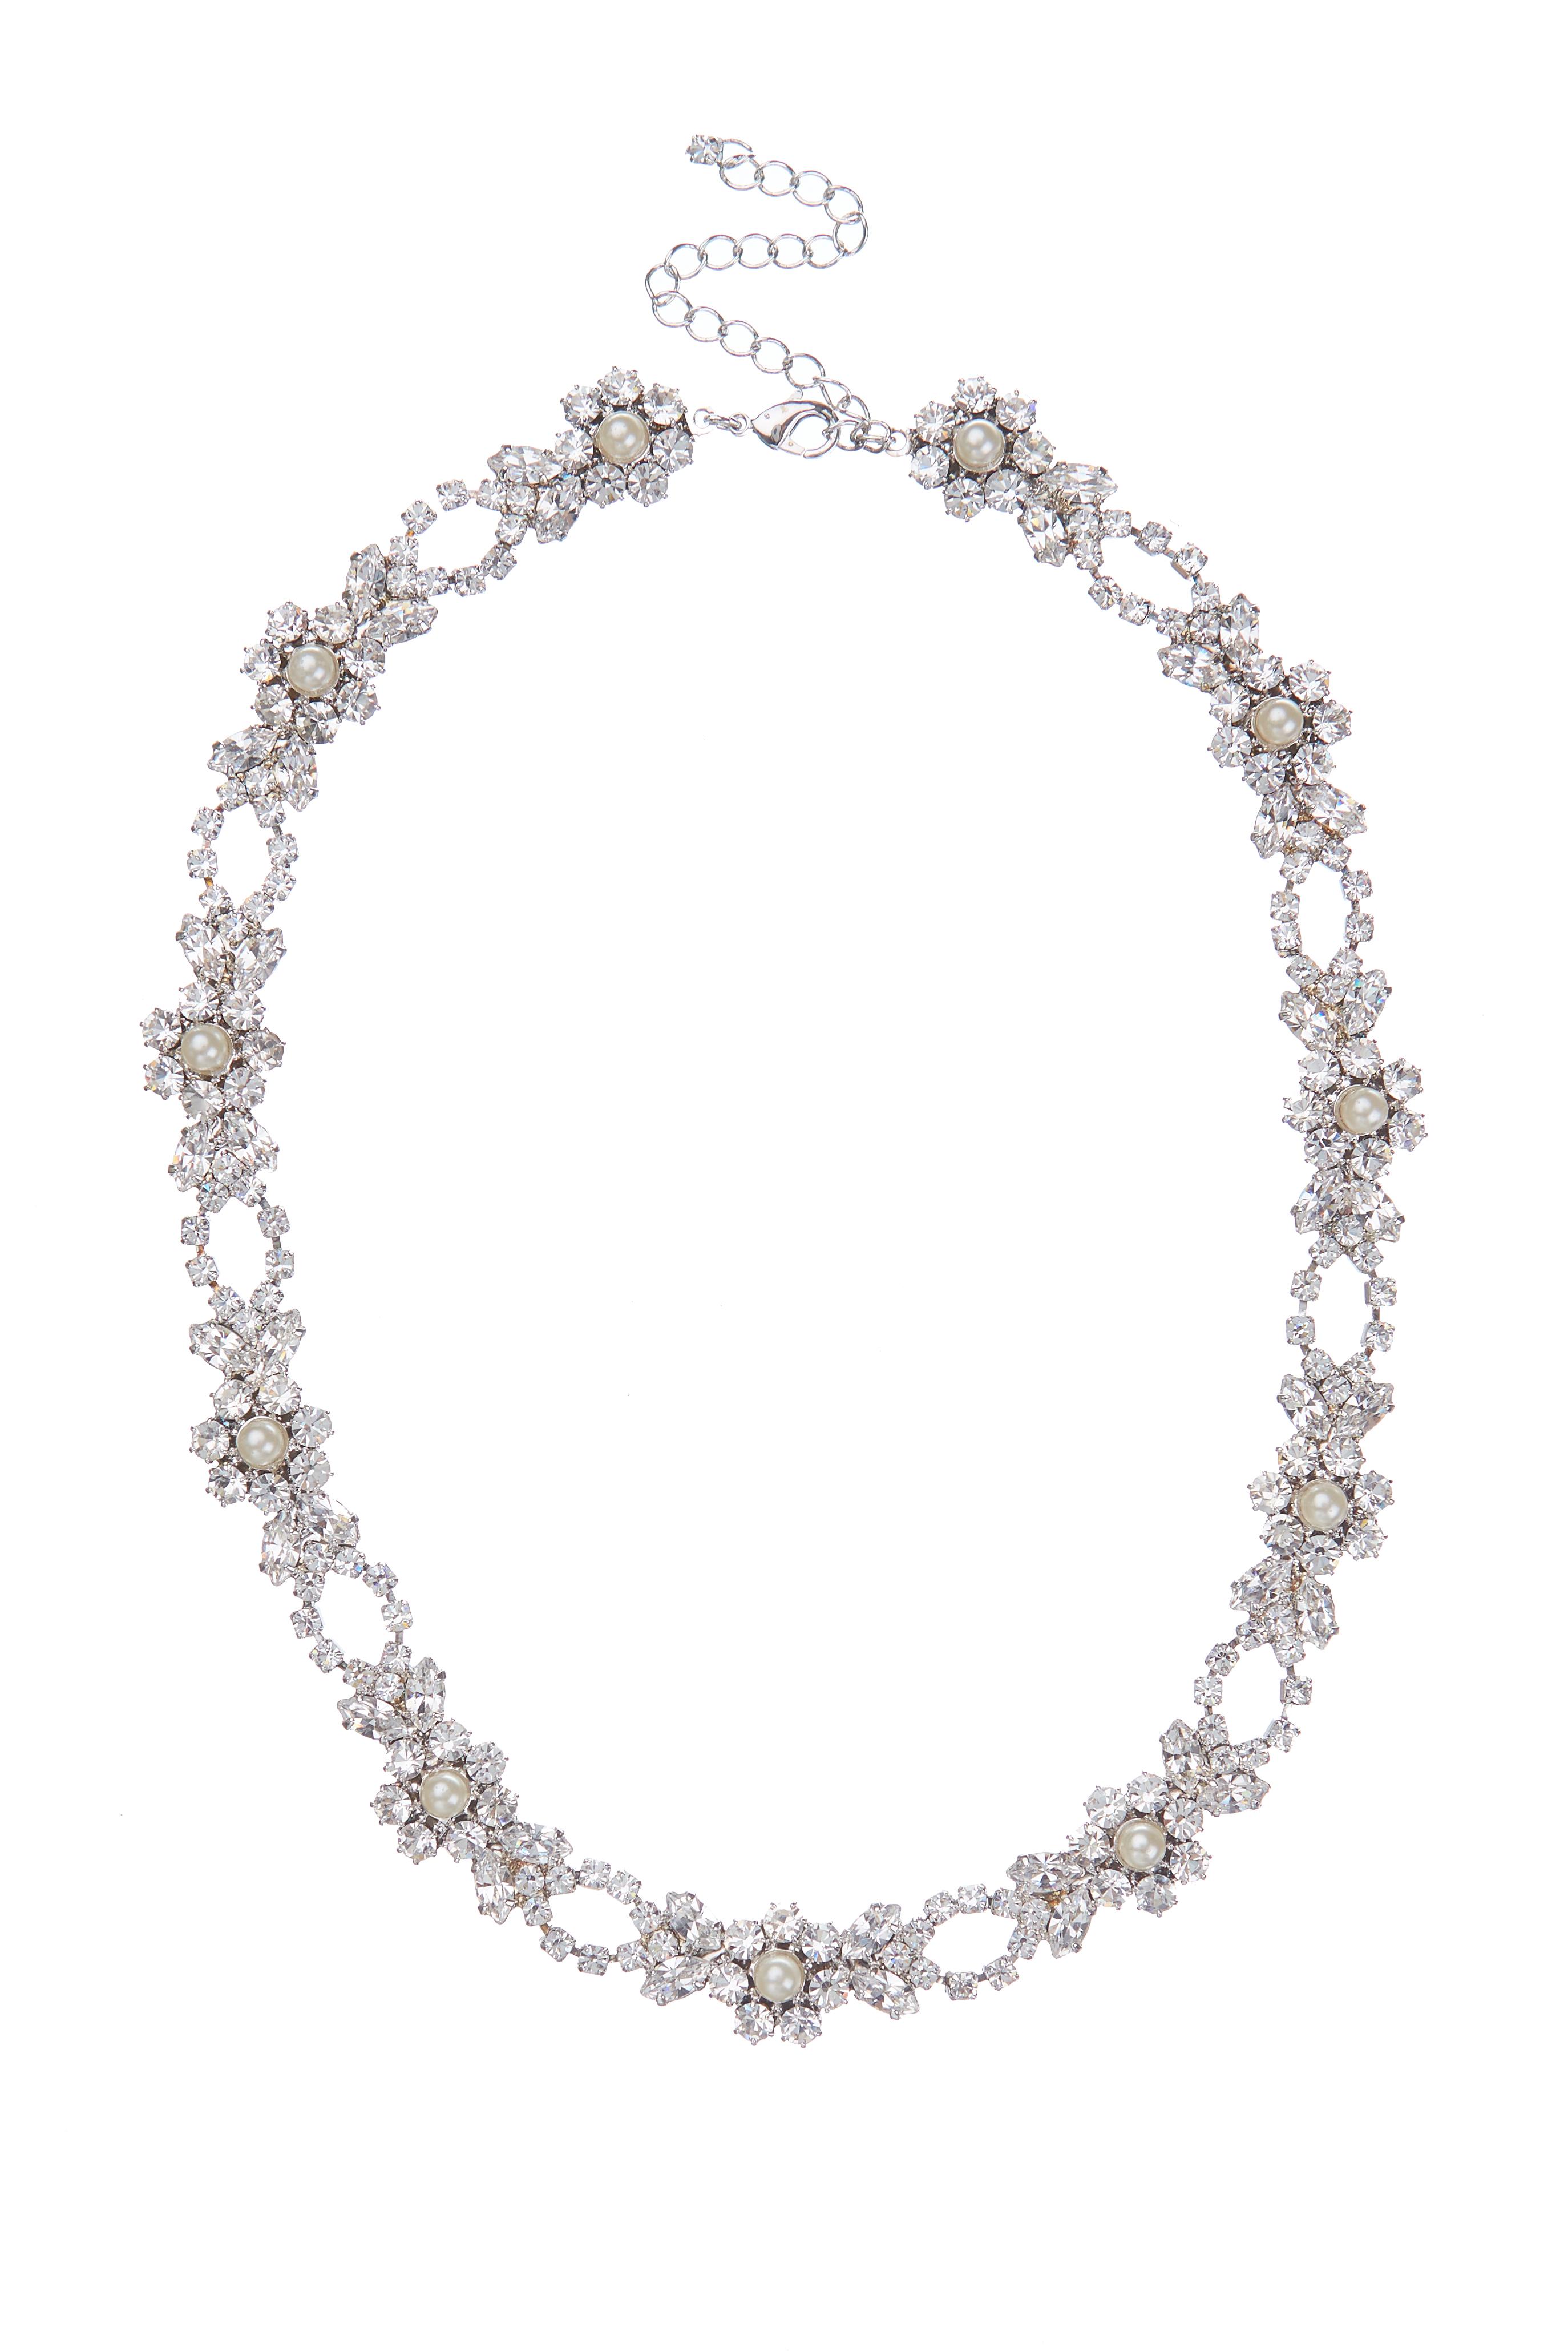 Bohatý štrasový náhrdleník s perličkami